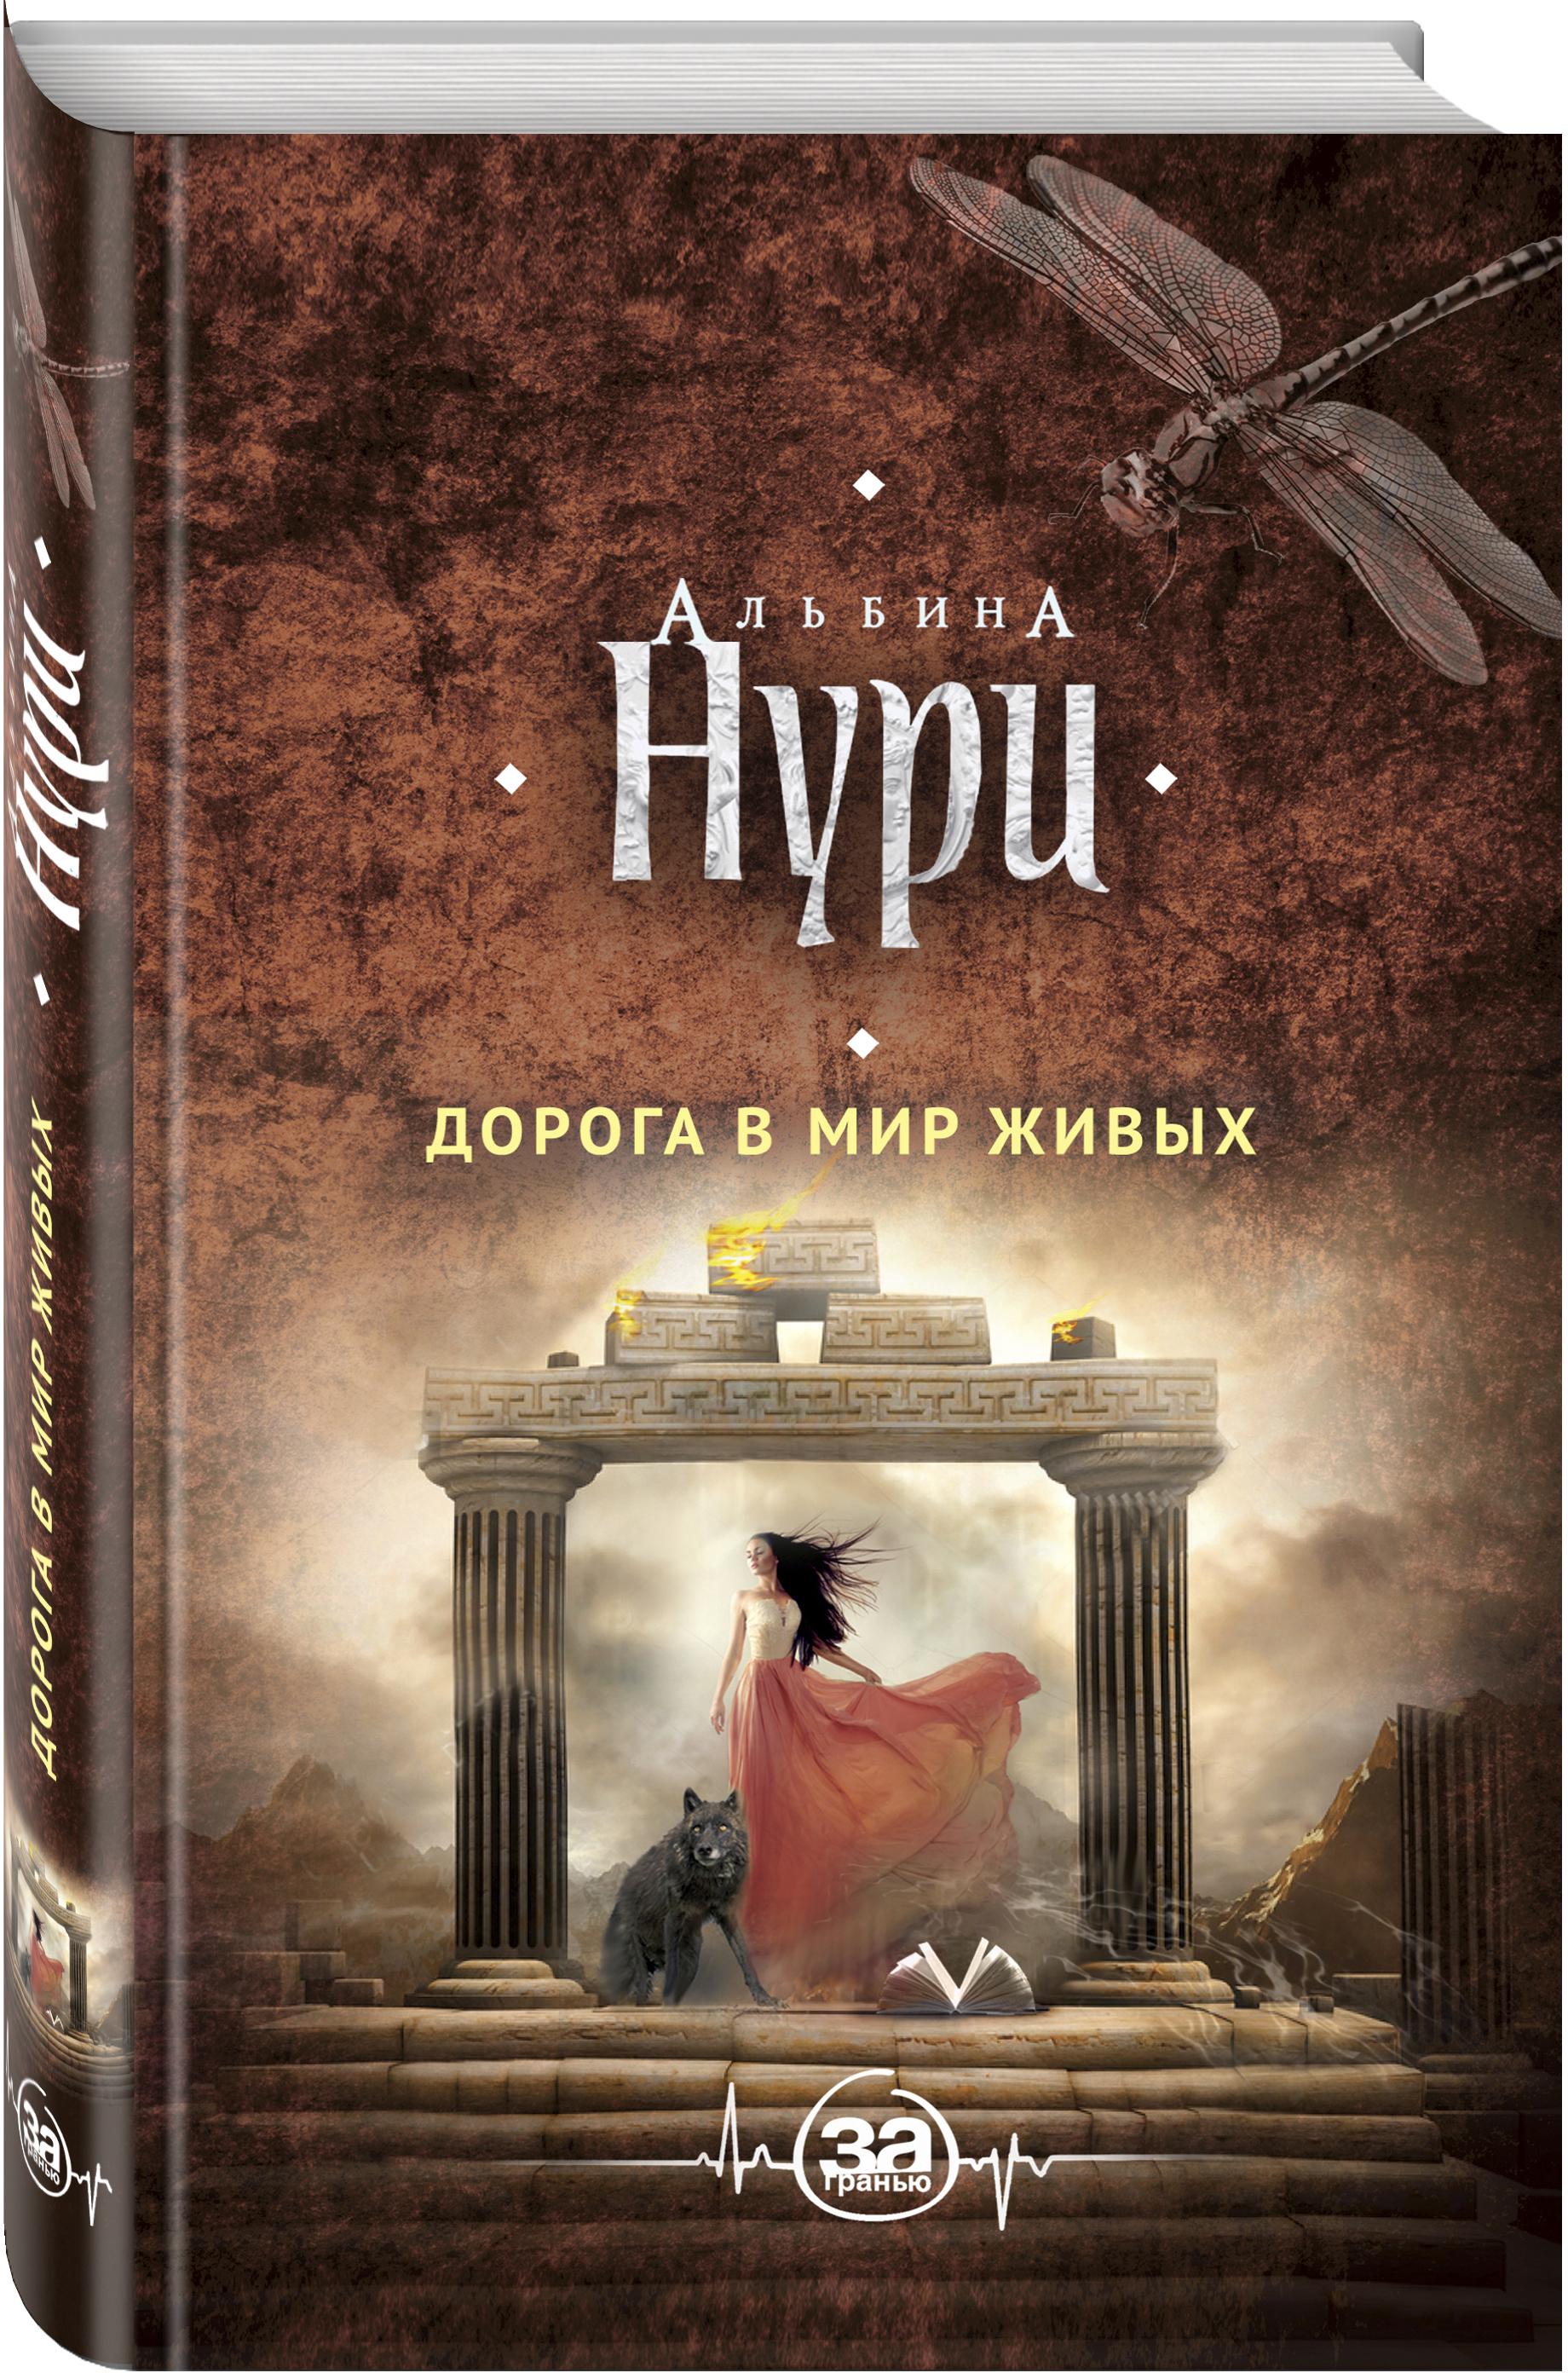 Нури А. Мистические триллеры Альбины Нури